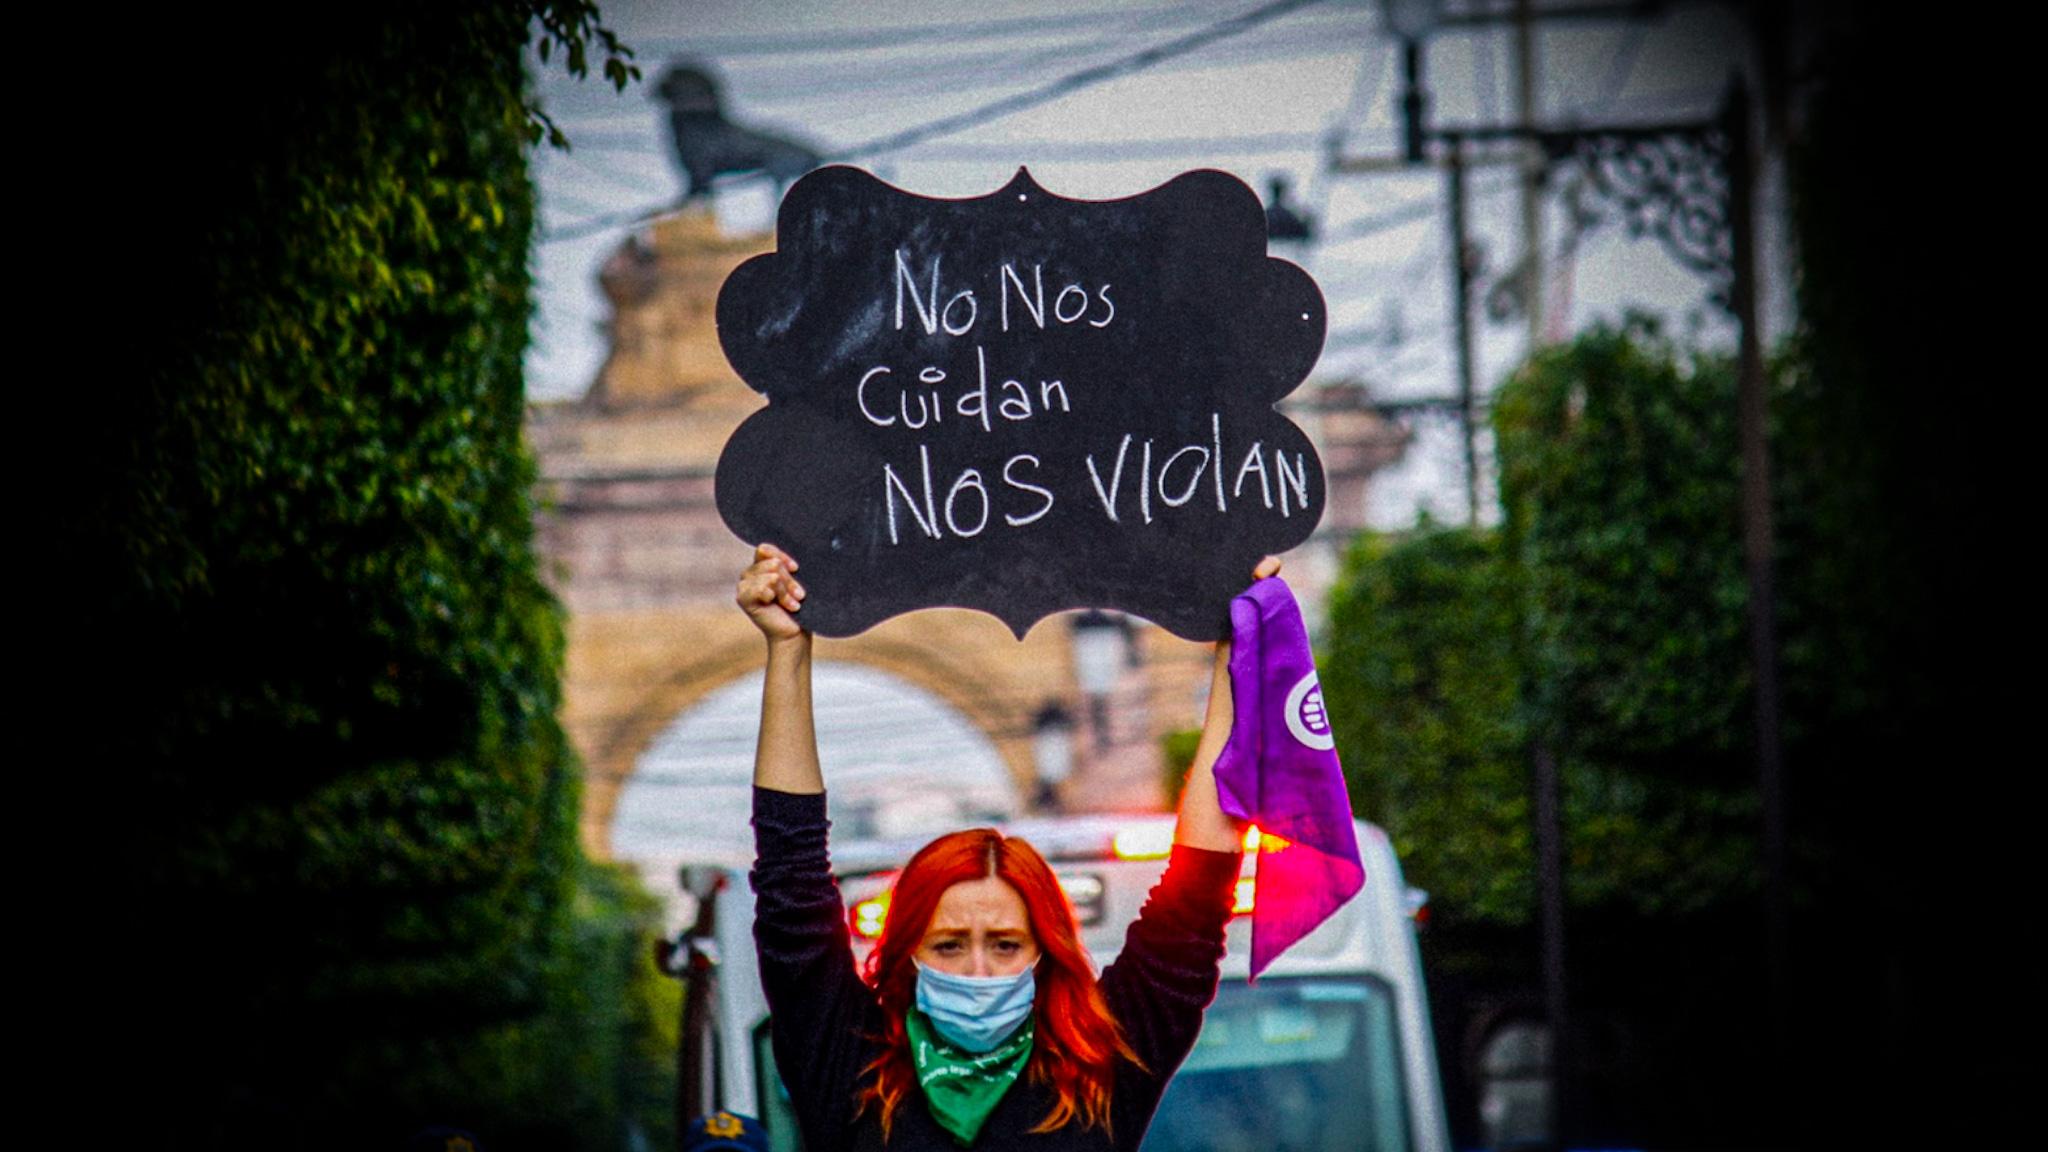 Feministas pedían justicia por un acoso sexual de policías y reciben represión: 22 mujeres y un hombre, bajo arresto